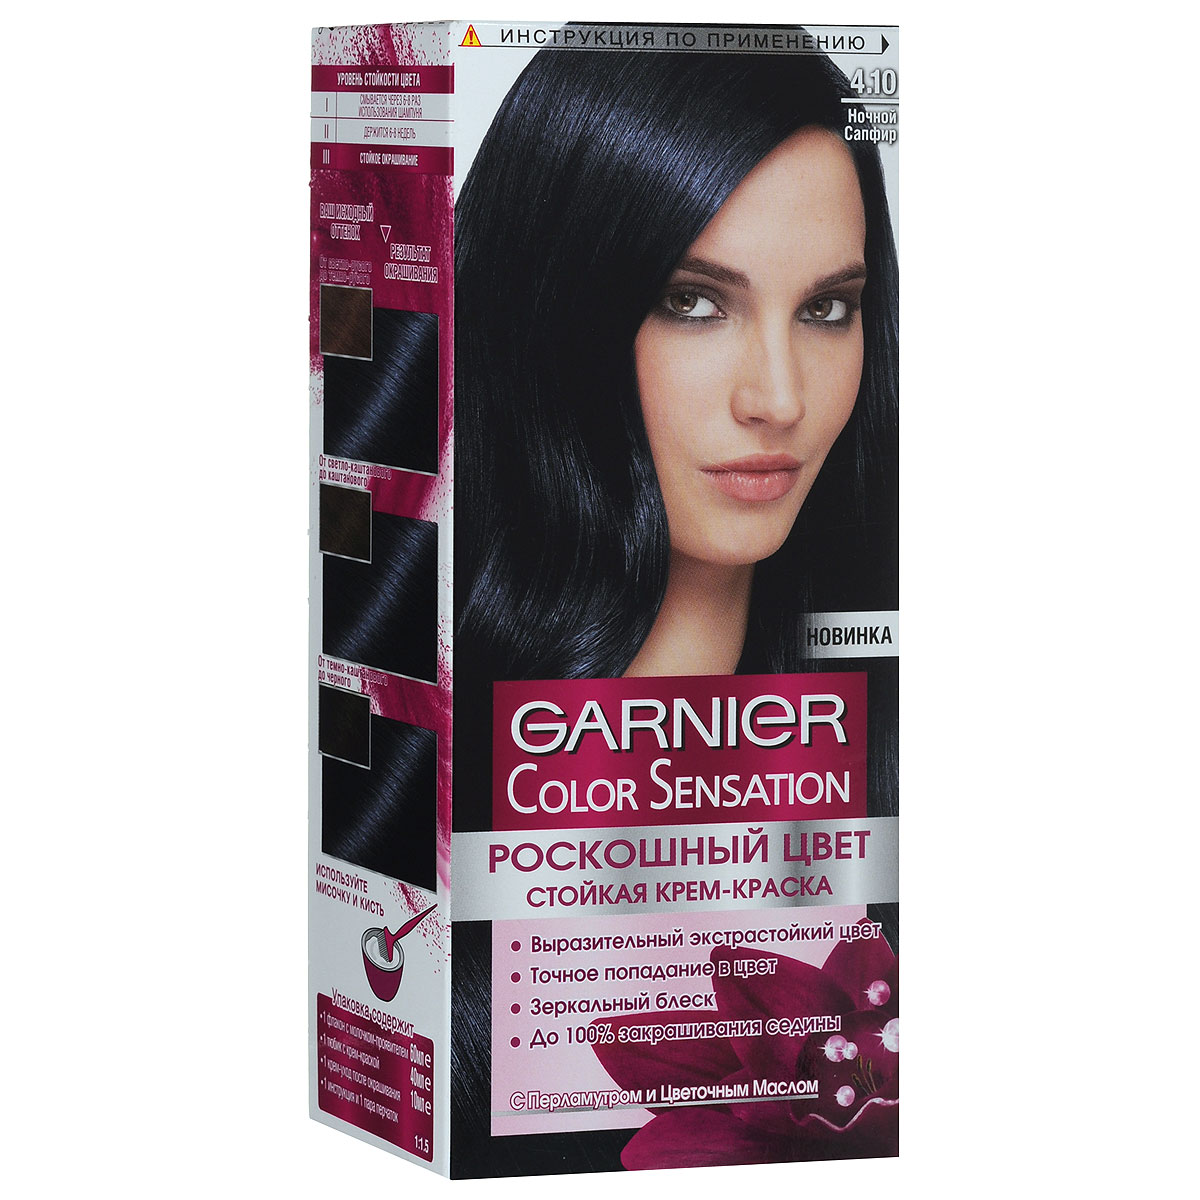 Garnier Стойкая крем-краска для волос Color Sensation, Роскошь цвета, оттенок 4.10, Ночной СапфирC5170611Стойкая крем - краска c перламутром и цветочным маслом. Выразительный экстрастойкий цвет. Точное попадание в цвет. Зеркальный блеск. 100% закрашивание седины. Узнай больше об окрашивании на http://coloracademy.ru/В состав упаковки входит: флакон с молочком-проявителем (60 мл); тюбик с крем-краской (40 мл); крем-уход после окрашивания (10 мл); инструкция; пара перчаток.